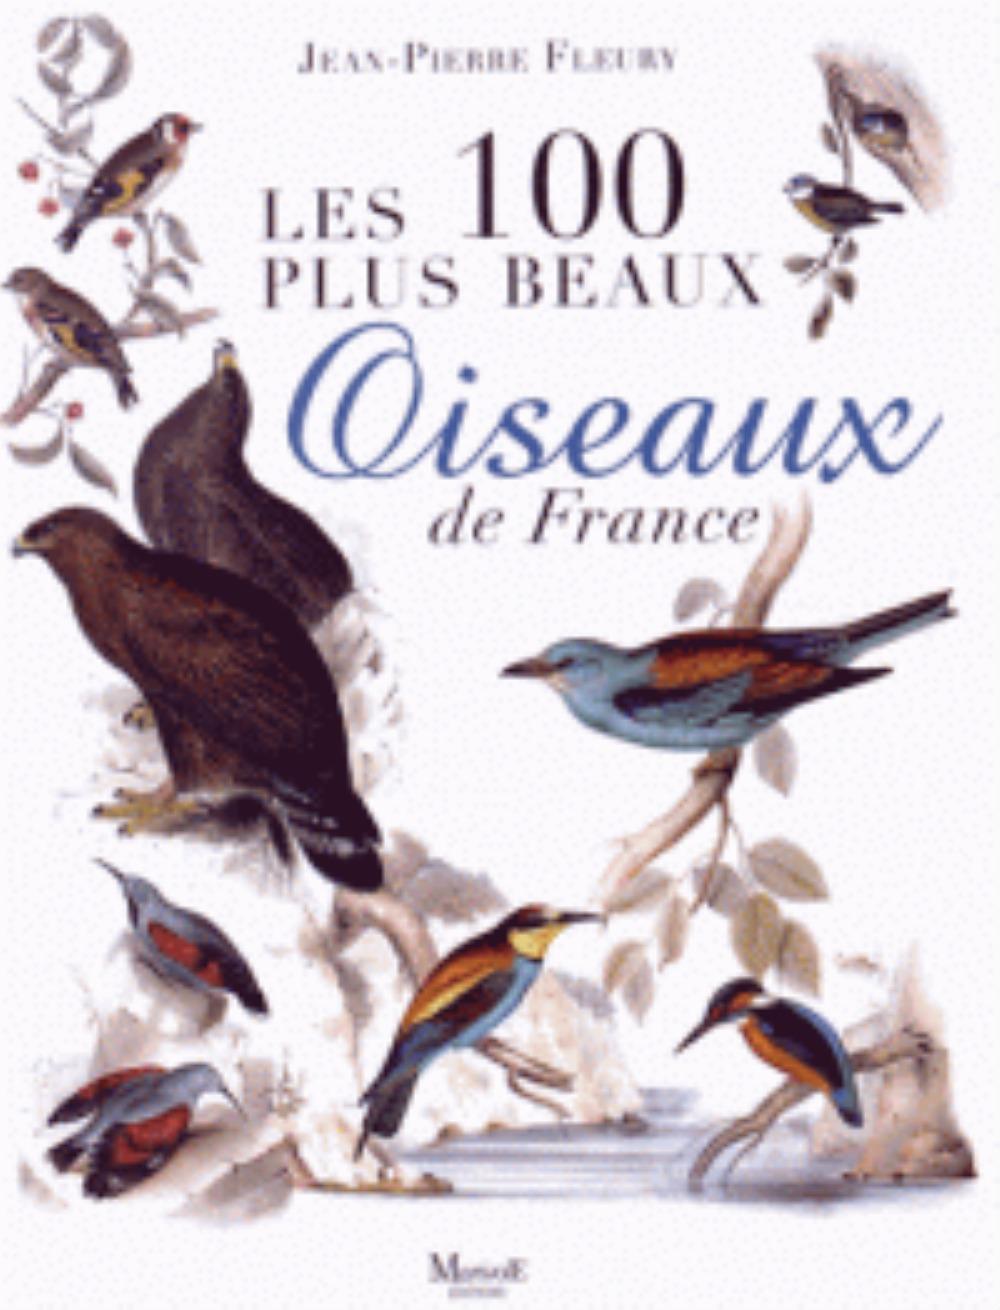 100 PLUS BEAUX OISEAUX DE FRANCE (LES)